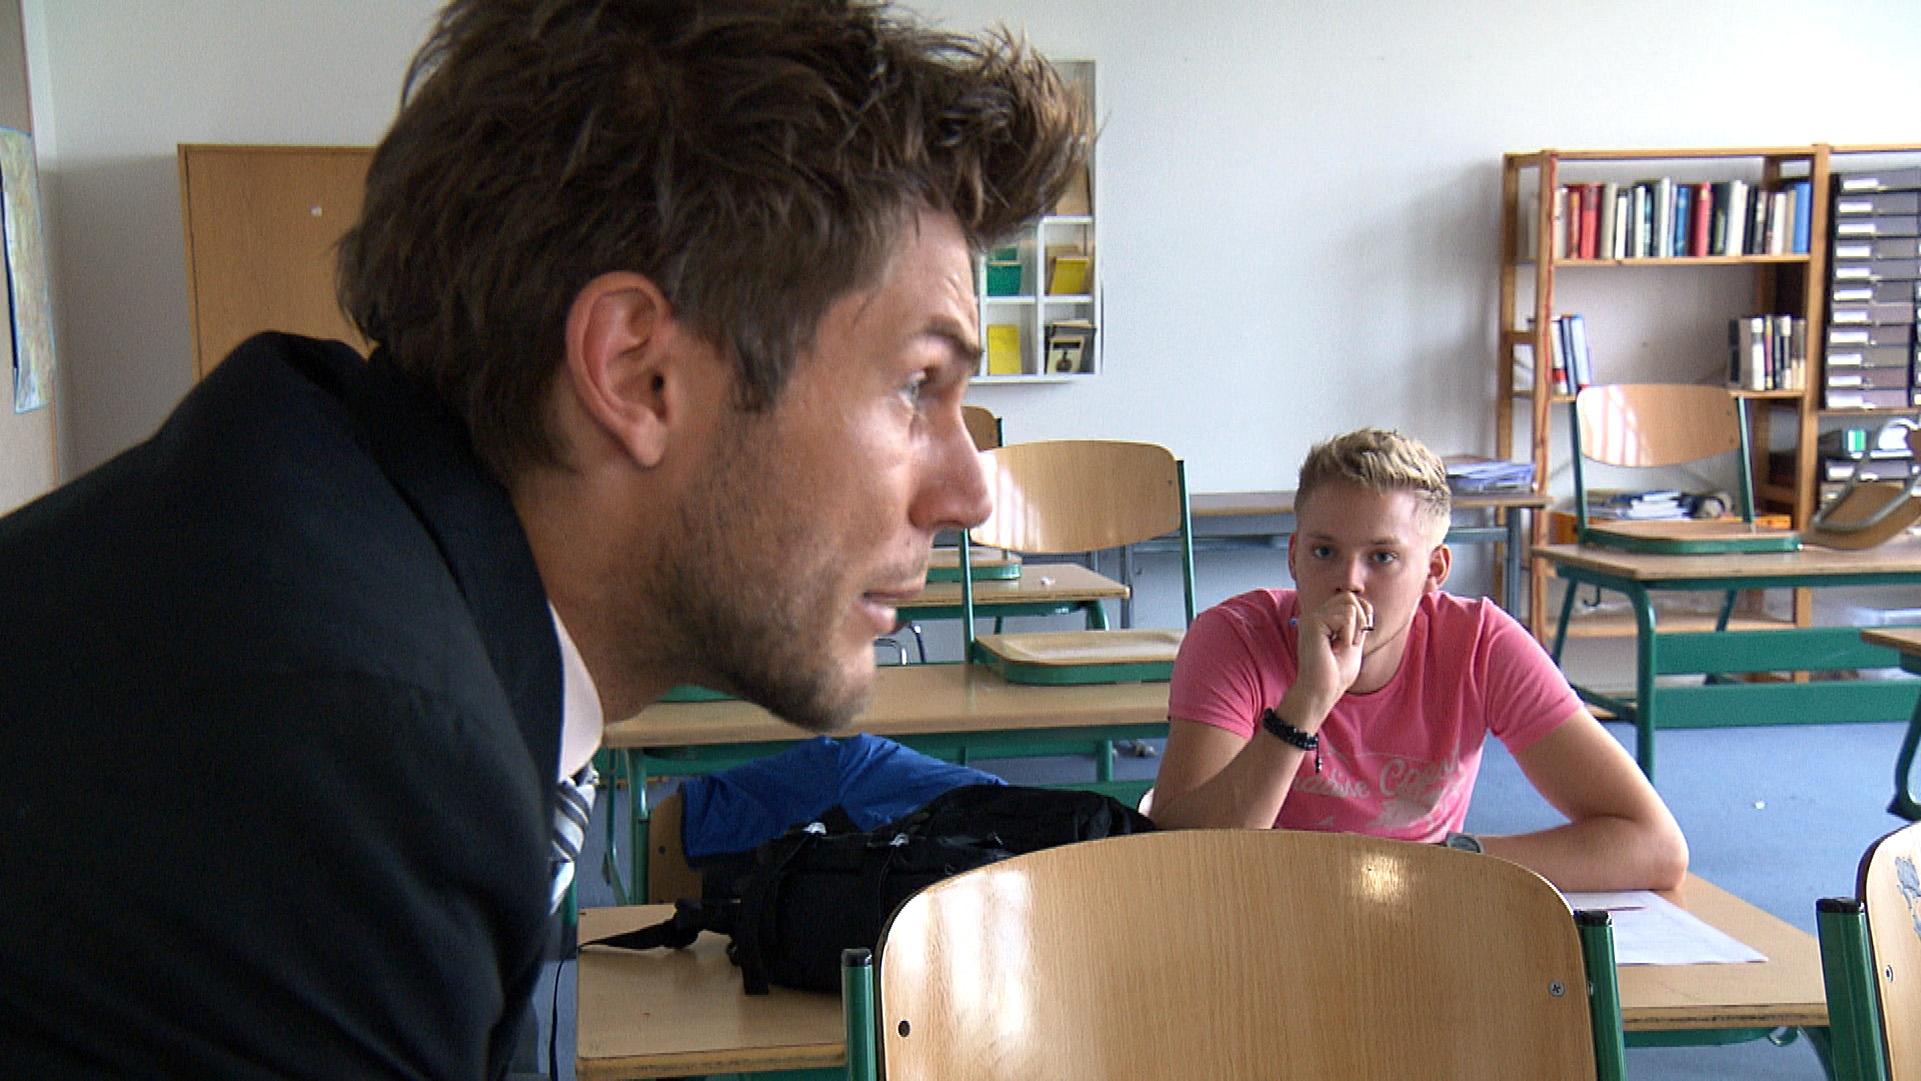 Paul (re.) legt sich mit Steffen (li.) im Unterricht an und provoziert ihn. Diesem wird das zu bunt und er verdonnert Paul zum Nachsitzen. (Quelle: RTL 2)